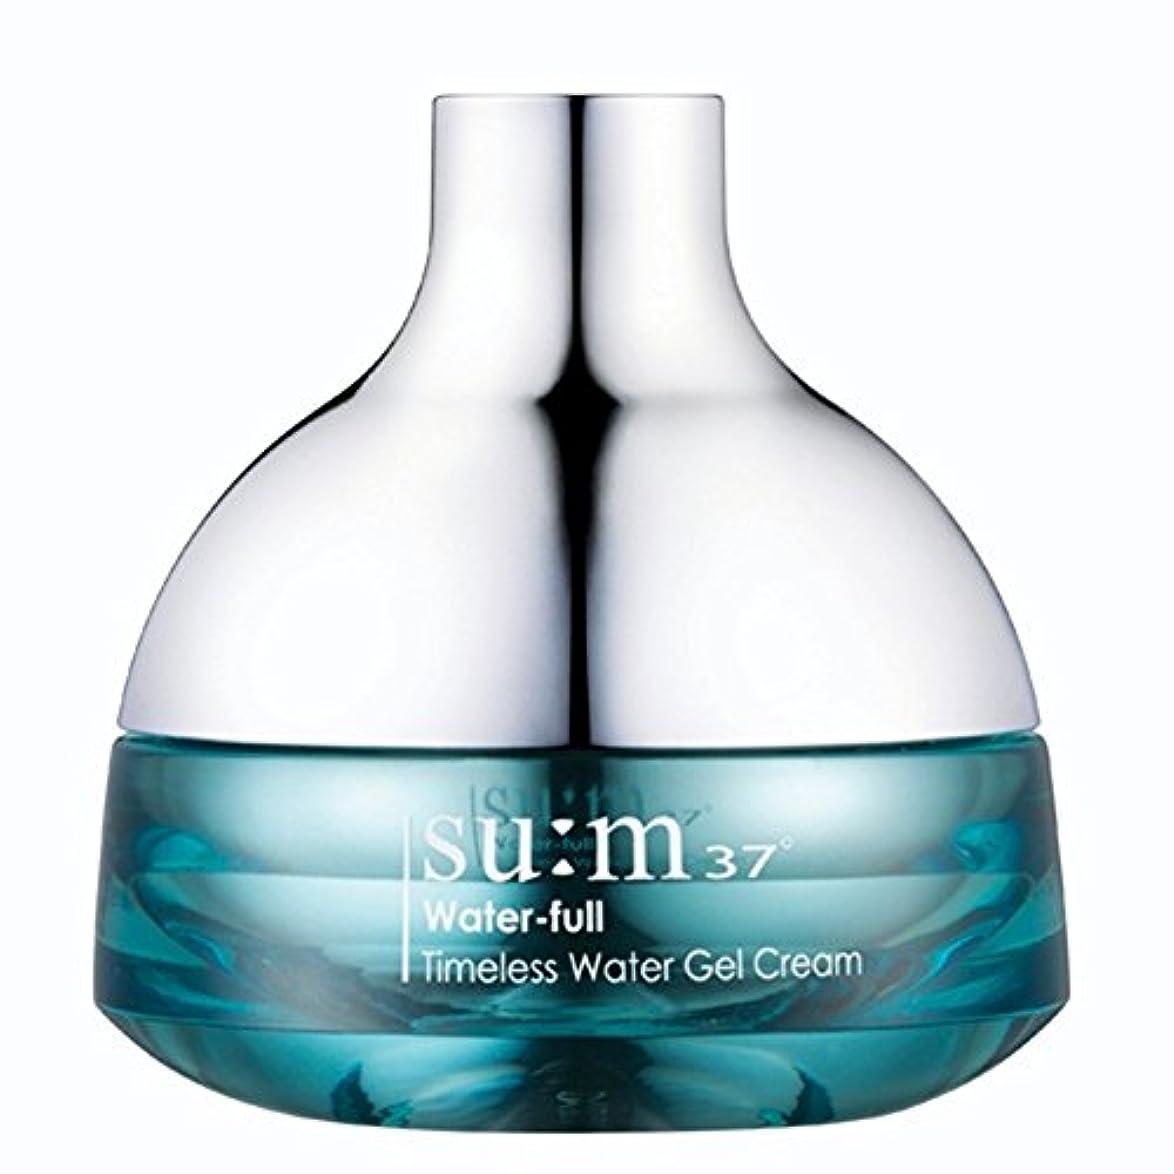 ロマンス征服浜辺su:m37/スム37° スム37 ウォーターフルタイムレスウォータージェルクリーム50ml (sum 37ºWater-full Timeless Water Gel Cream 50ml + Special Gift...